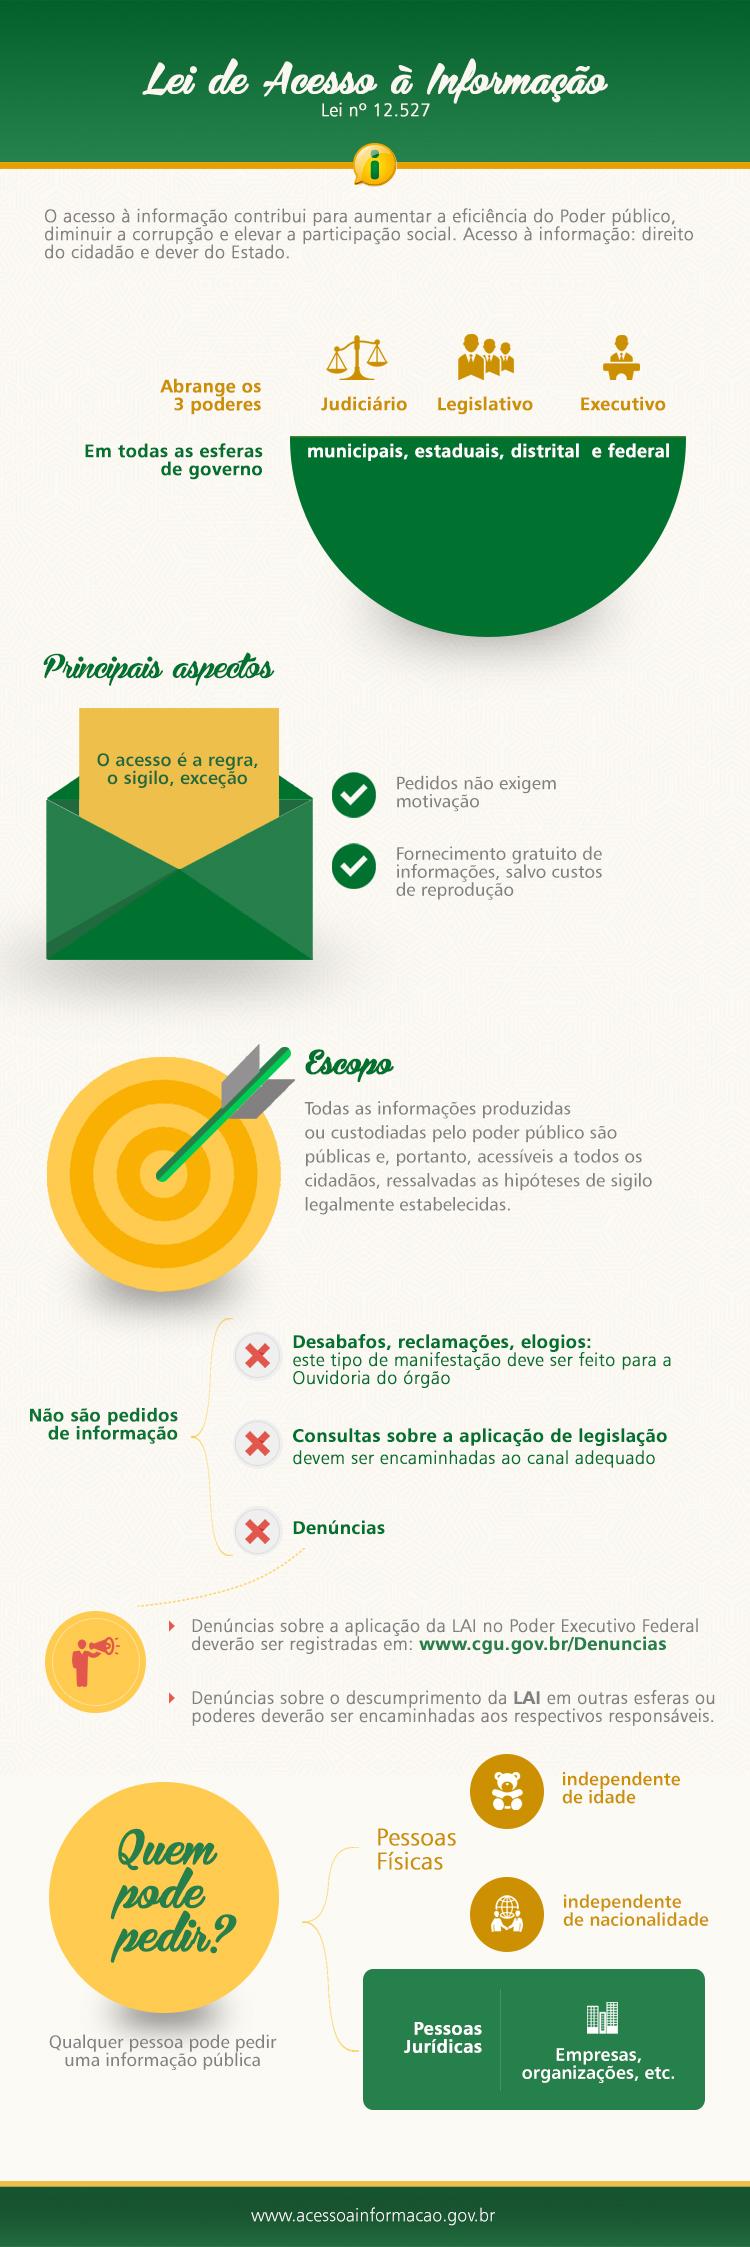 Infográfico Lei de Acesso à Informação